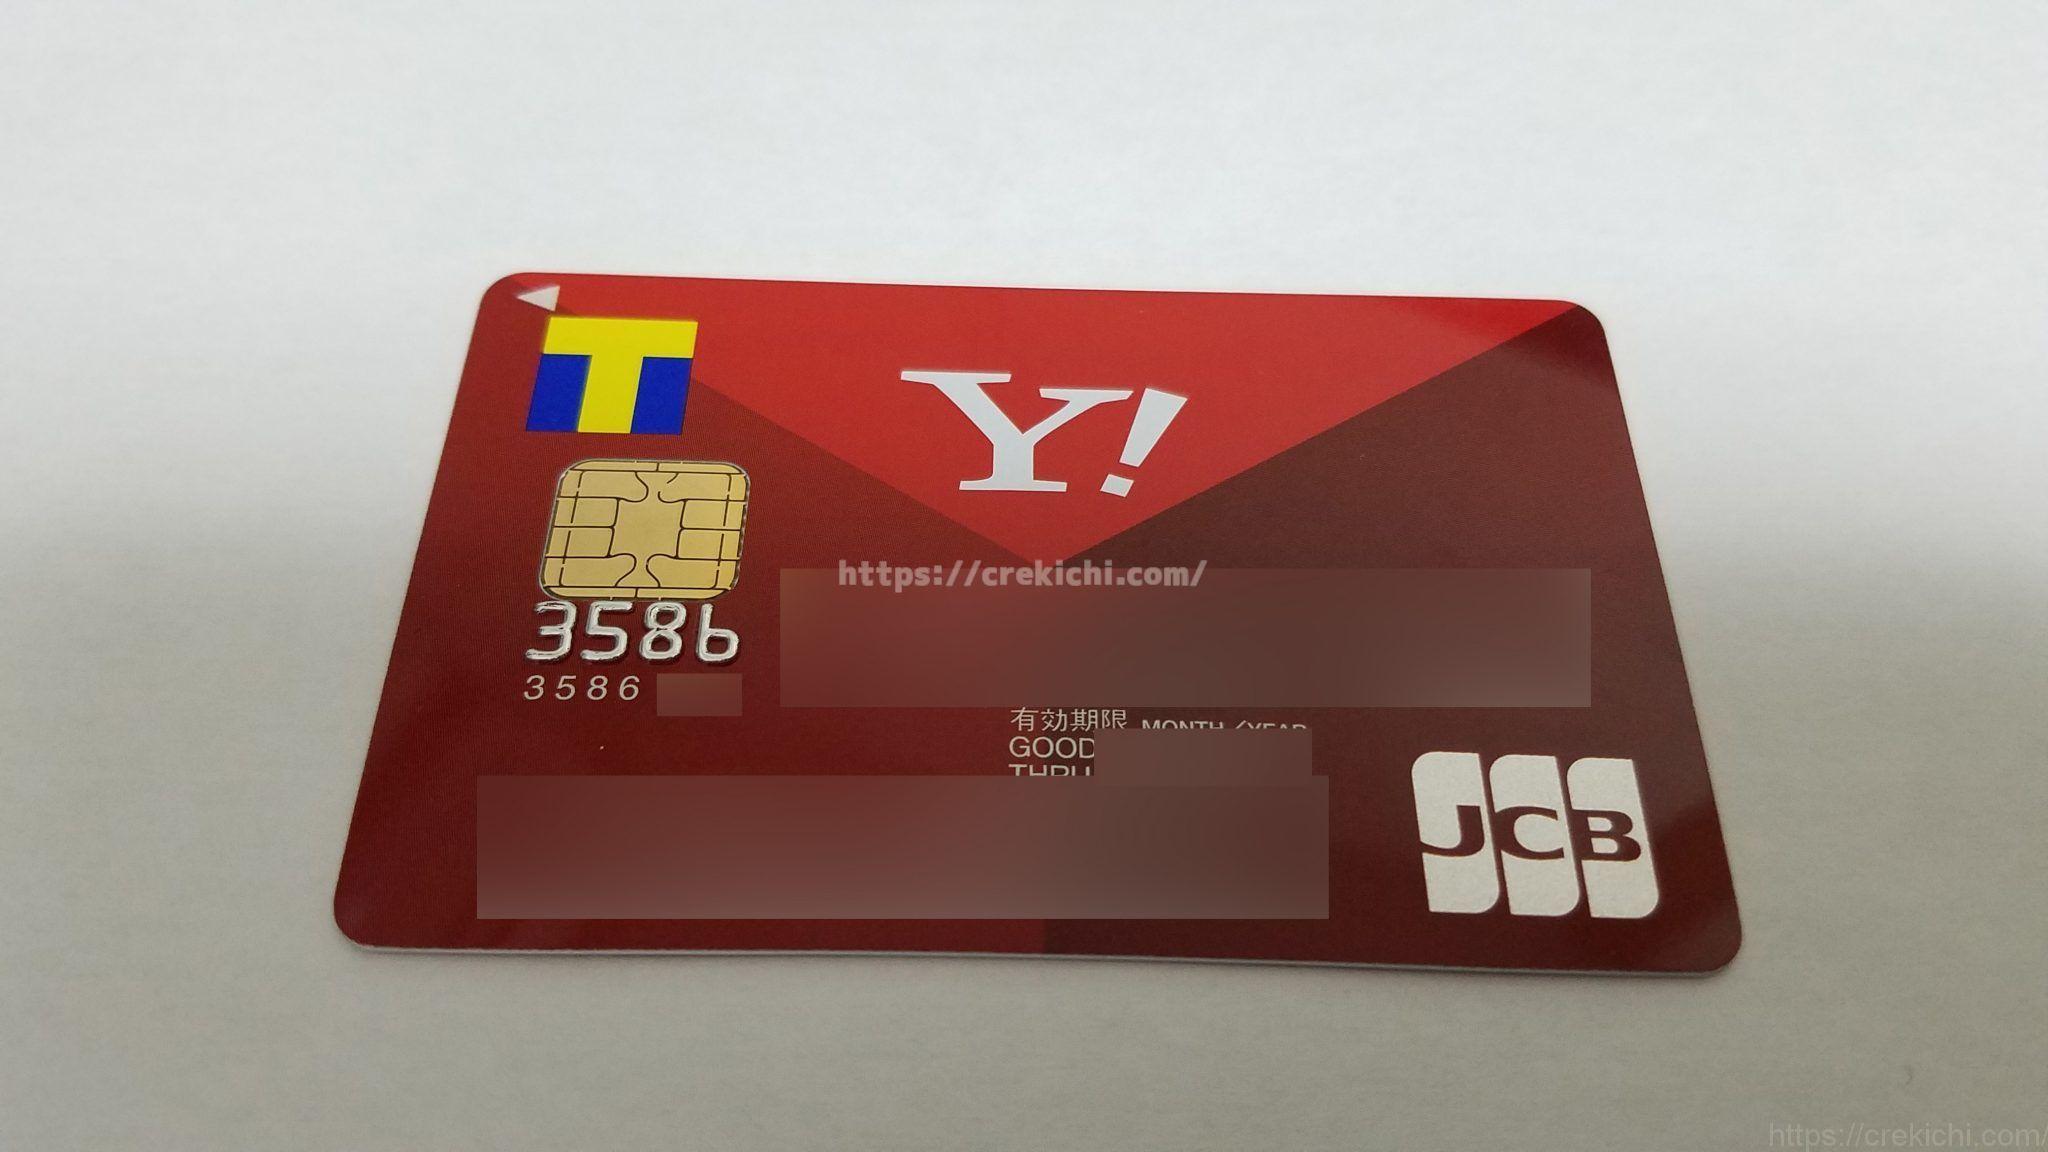 ヤフー関連のサービス支払いにはYJカードを使っているクレ吉です。こんにちわー